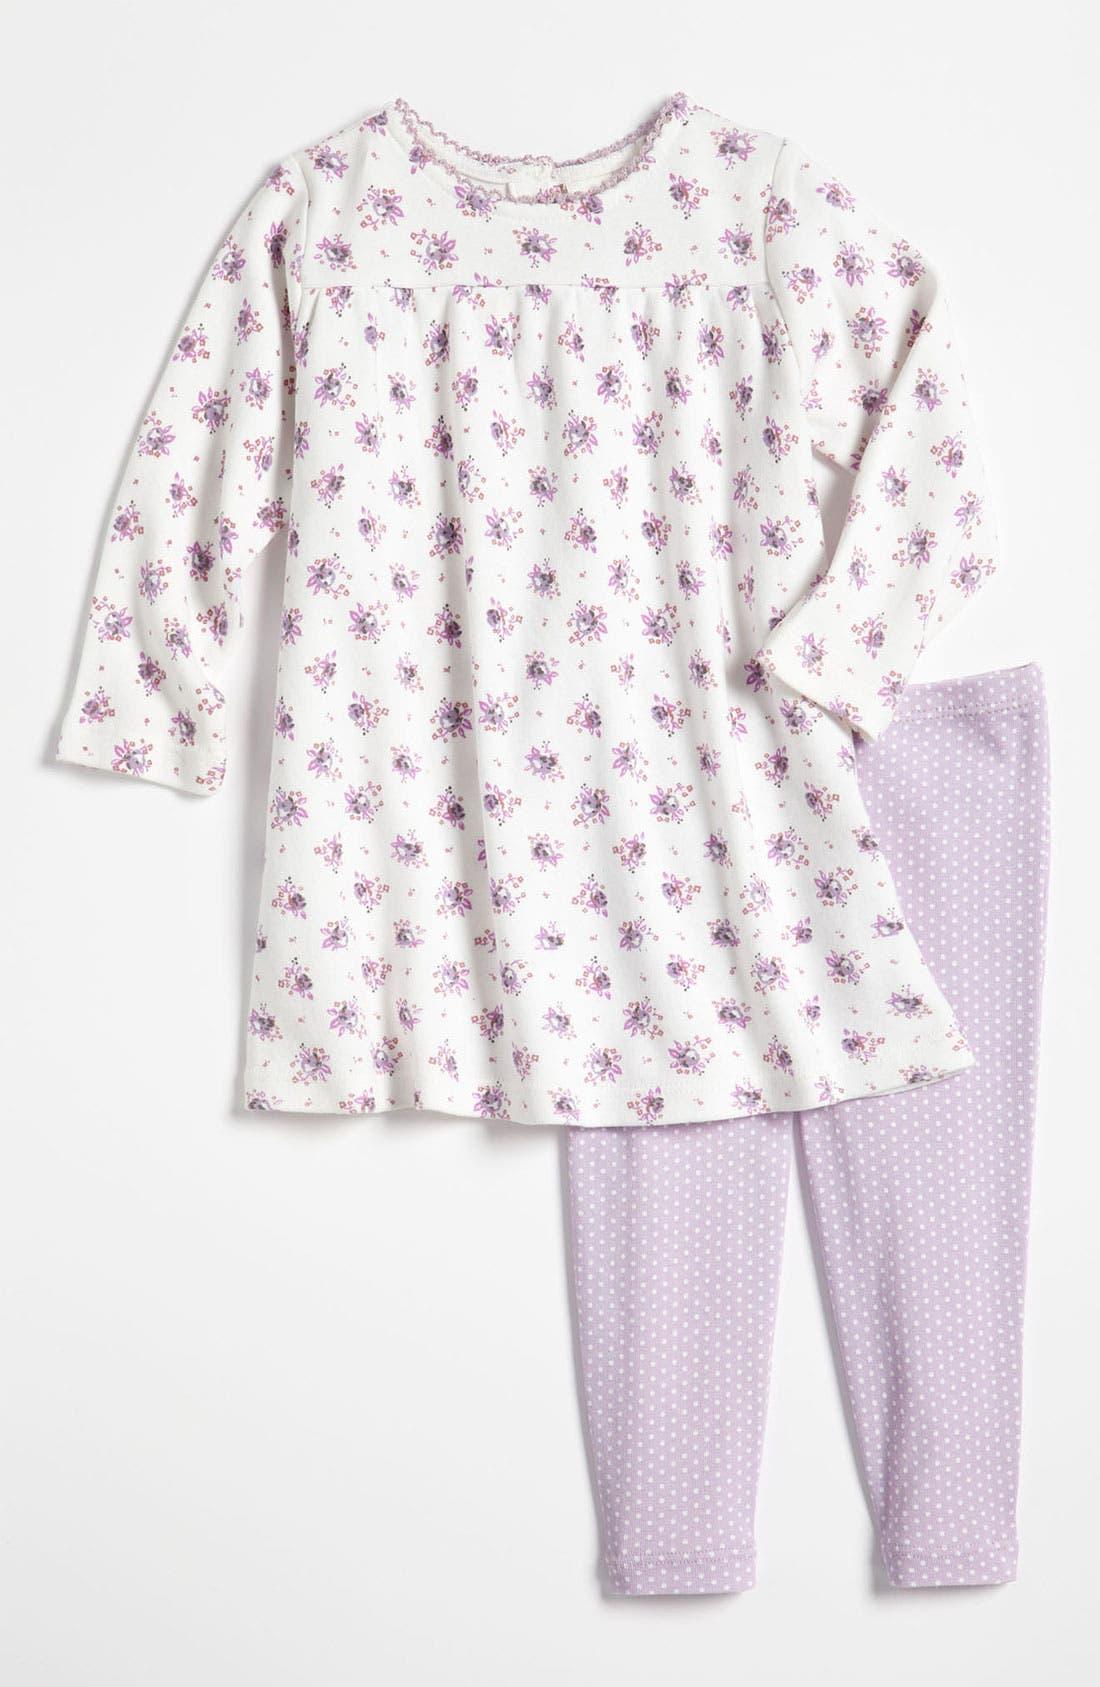 Alternate Image 1 Selected - Nordstrom Baby Dress & Leggings (Infant)